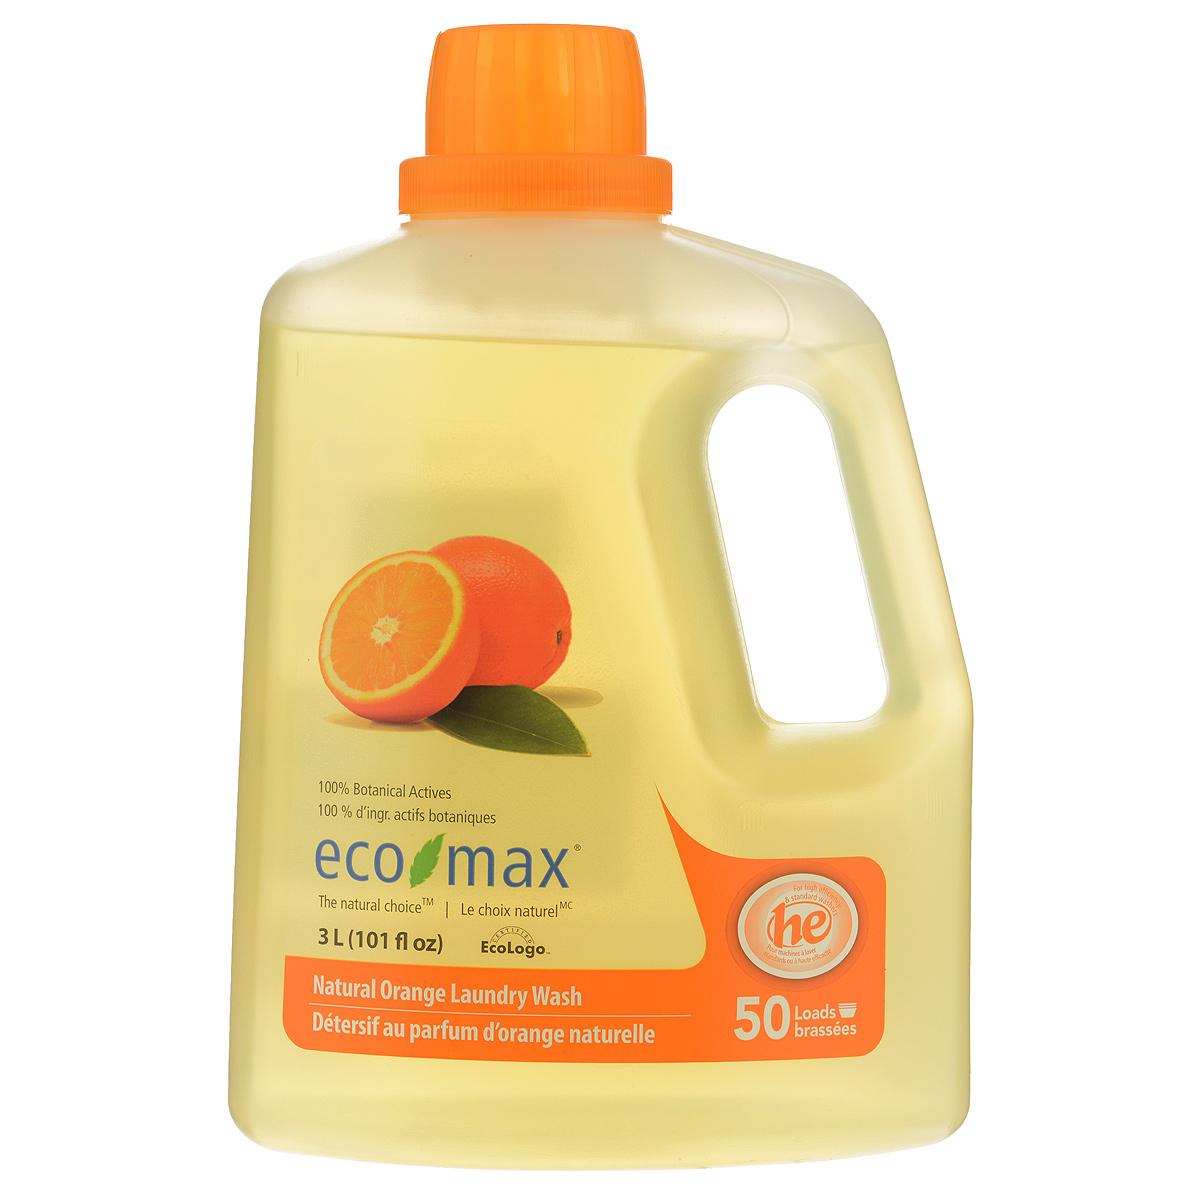 Жидкое средство для стирки Eco Max Апельсин, 3 лEmax-C117Жидкое средство для стирки Eco Max Апельсин - полностью натуральное, на растительной основе средство для стирки с освежающим ароматом апельсина. Благодаря низкому пенообразованию и отсутствию осадка безопасно для использования в стиральной машине. Нетоксично, без осадка, безопасно для детской одежды. В этом средстве используются активные чистящие вещества ингредиентов, полученных из биоразлагаемых и возобновляемых растительных источников. Подходит для ручной и машинной стирки, для всех типов ткани. Одного флакона хватает на 50 стирок. Состав: вода, ПАВ растительного происхождения, пищевая лимонная кислота, пищевой цитрат натрия, пищевой загуститель на основе целлюлозы и пищевой сорбат калия в качестве консерванта, натуральное эфирное апельсиновое масло. Товар сертифицирован.